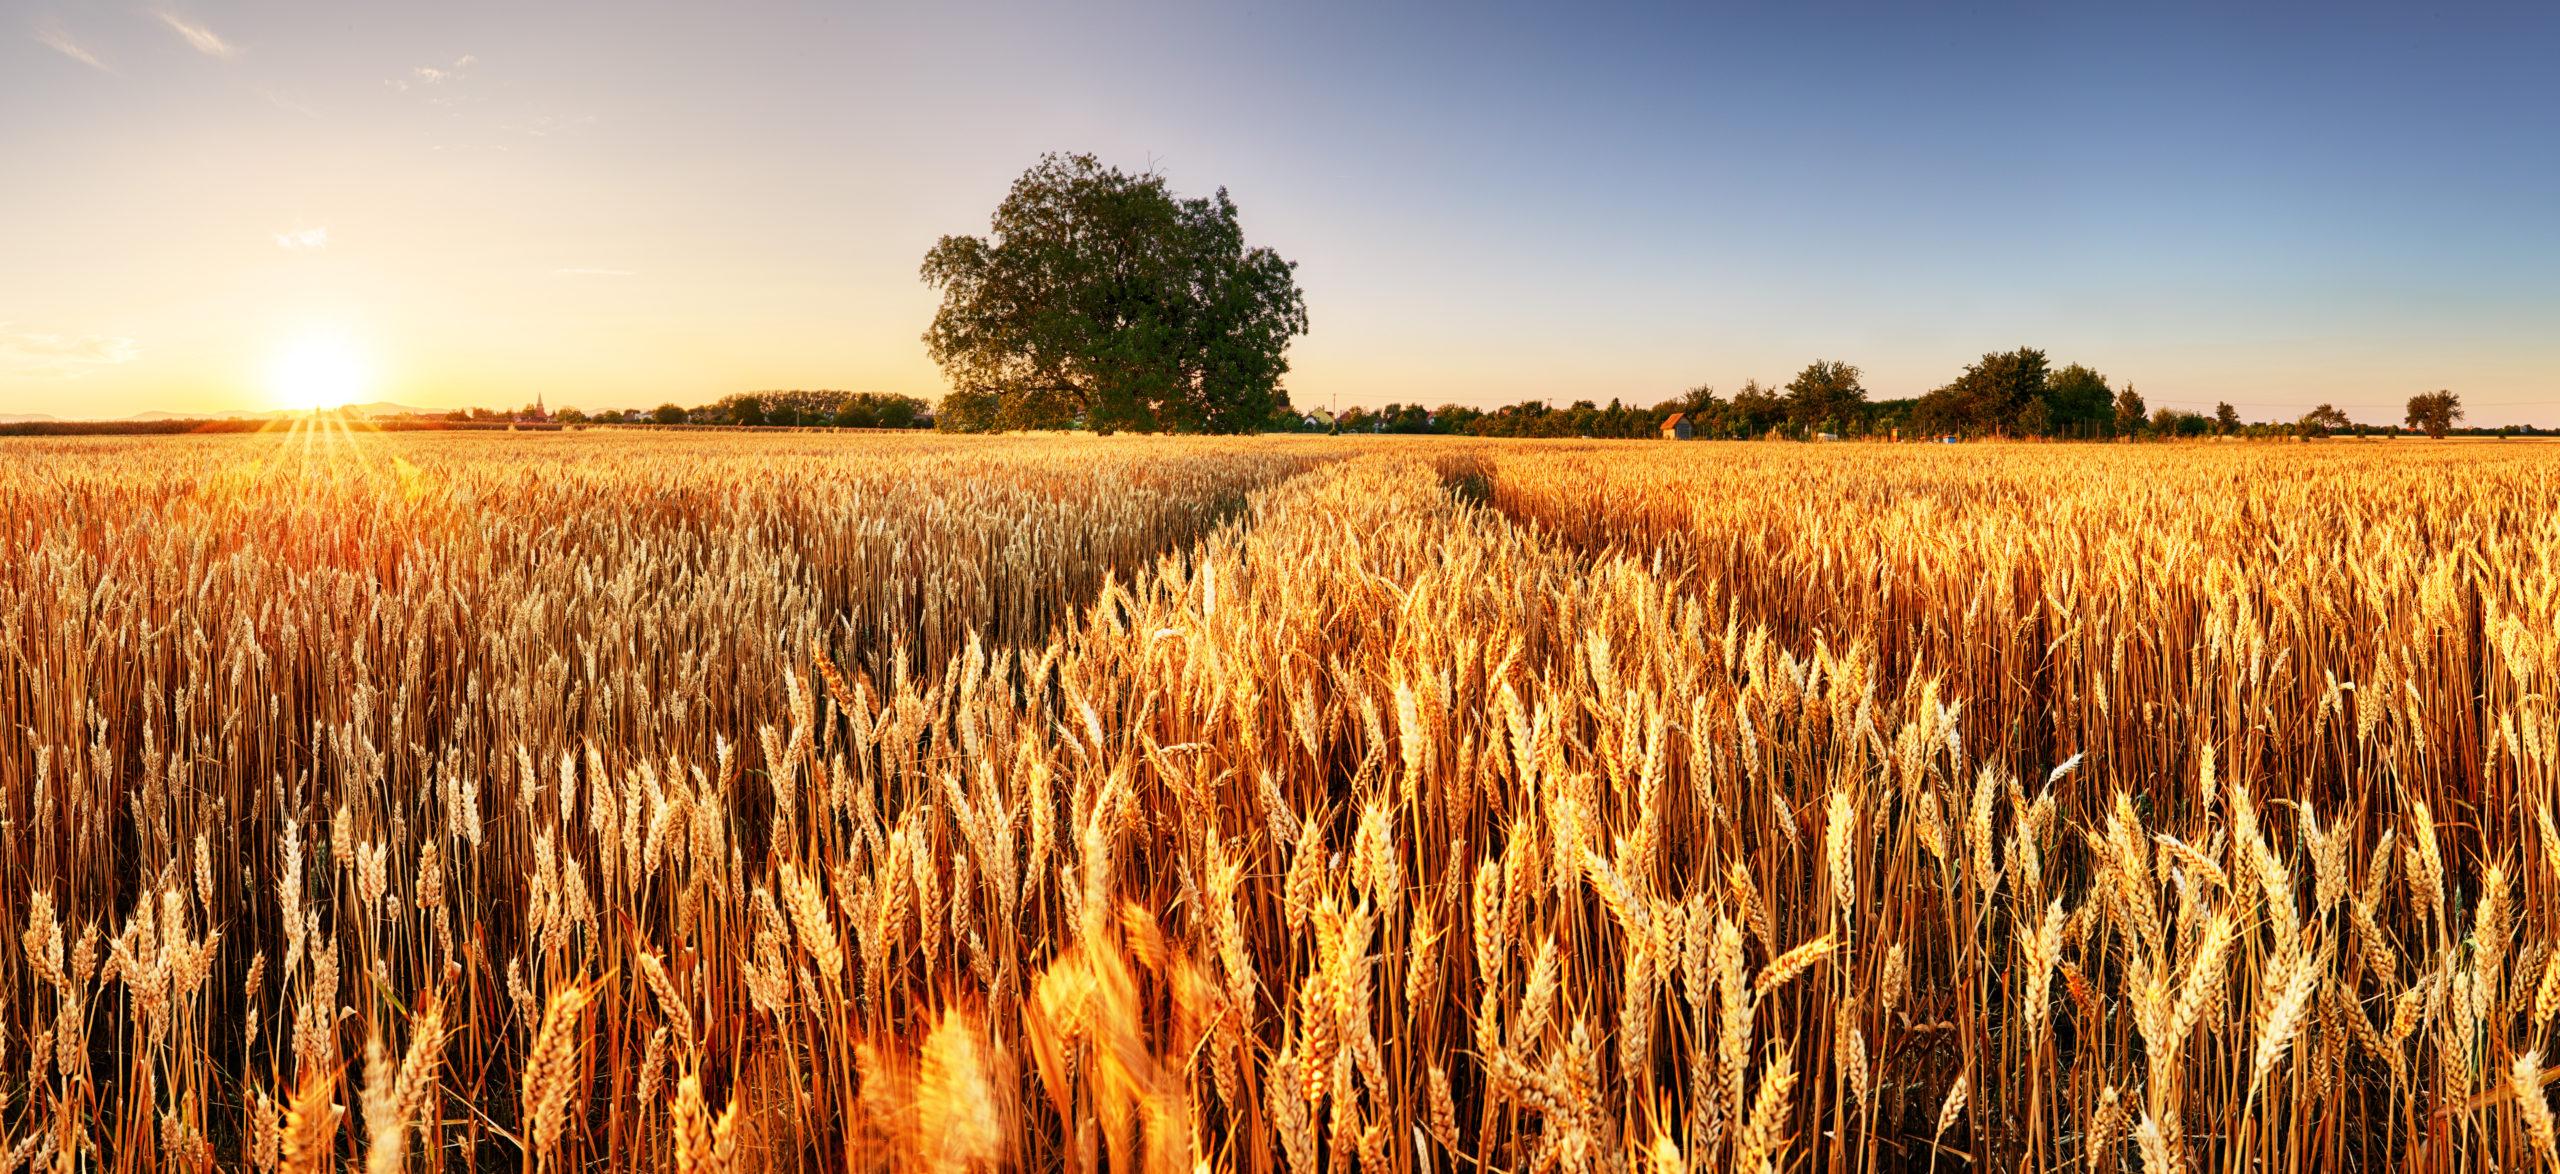 Corona Blog: Investitionsprämie – spezielle Fragestellungen zu Land- und Forstwirtschaft - 26.11.2020